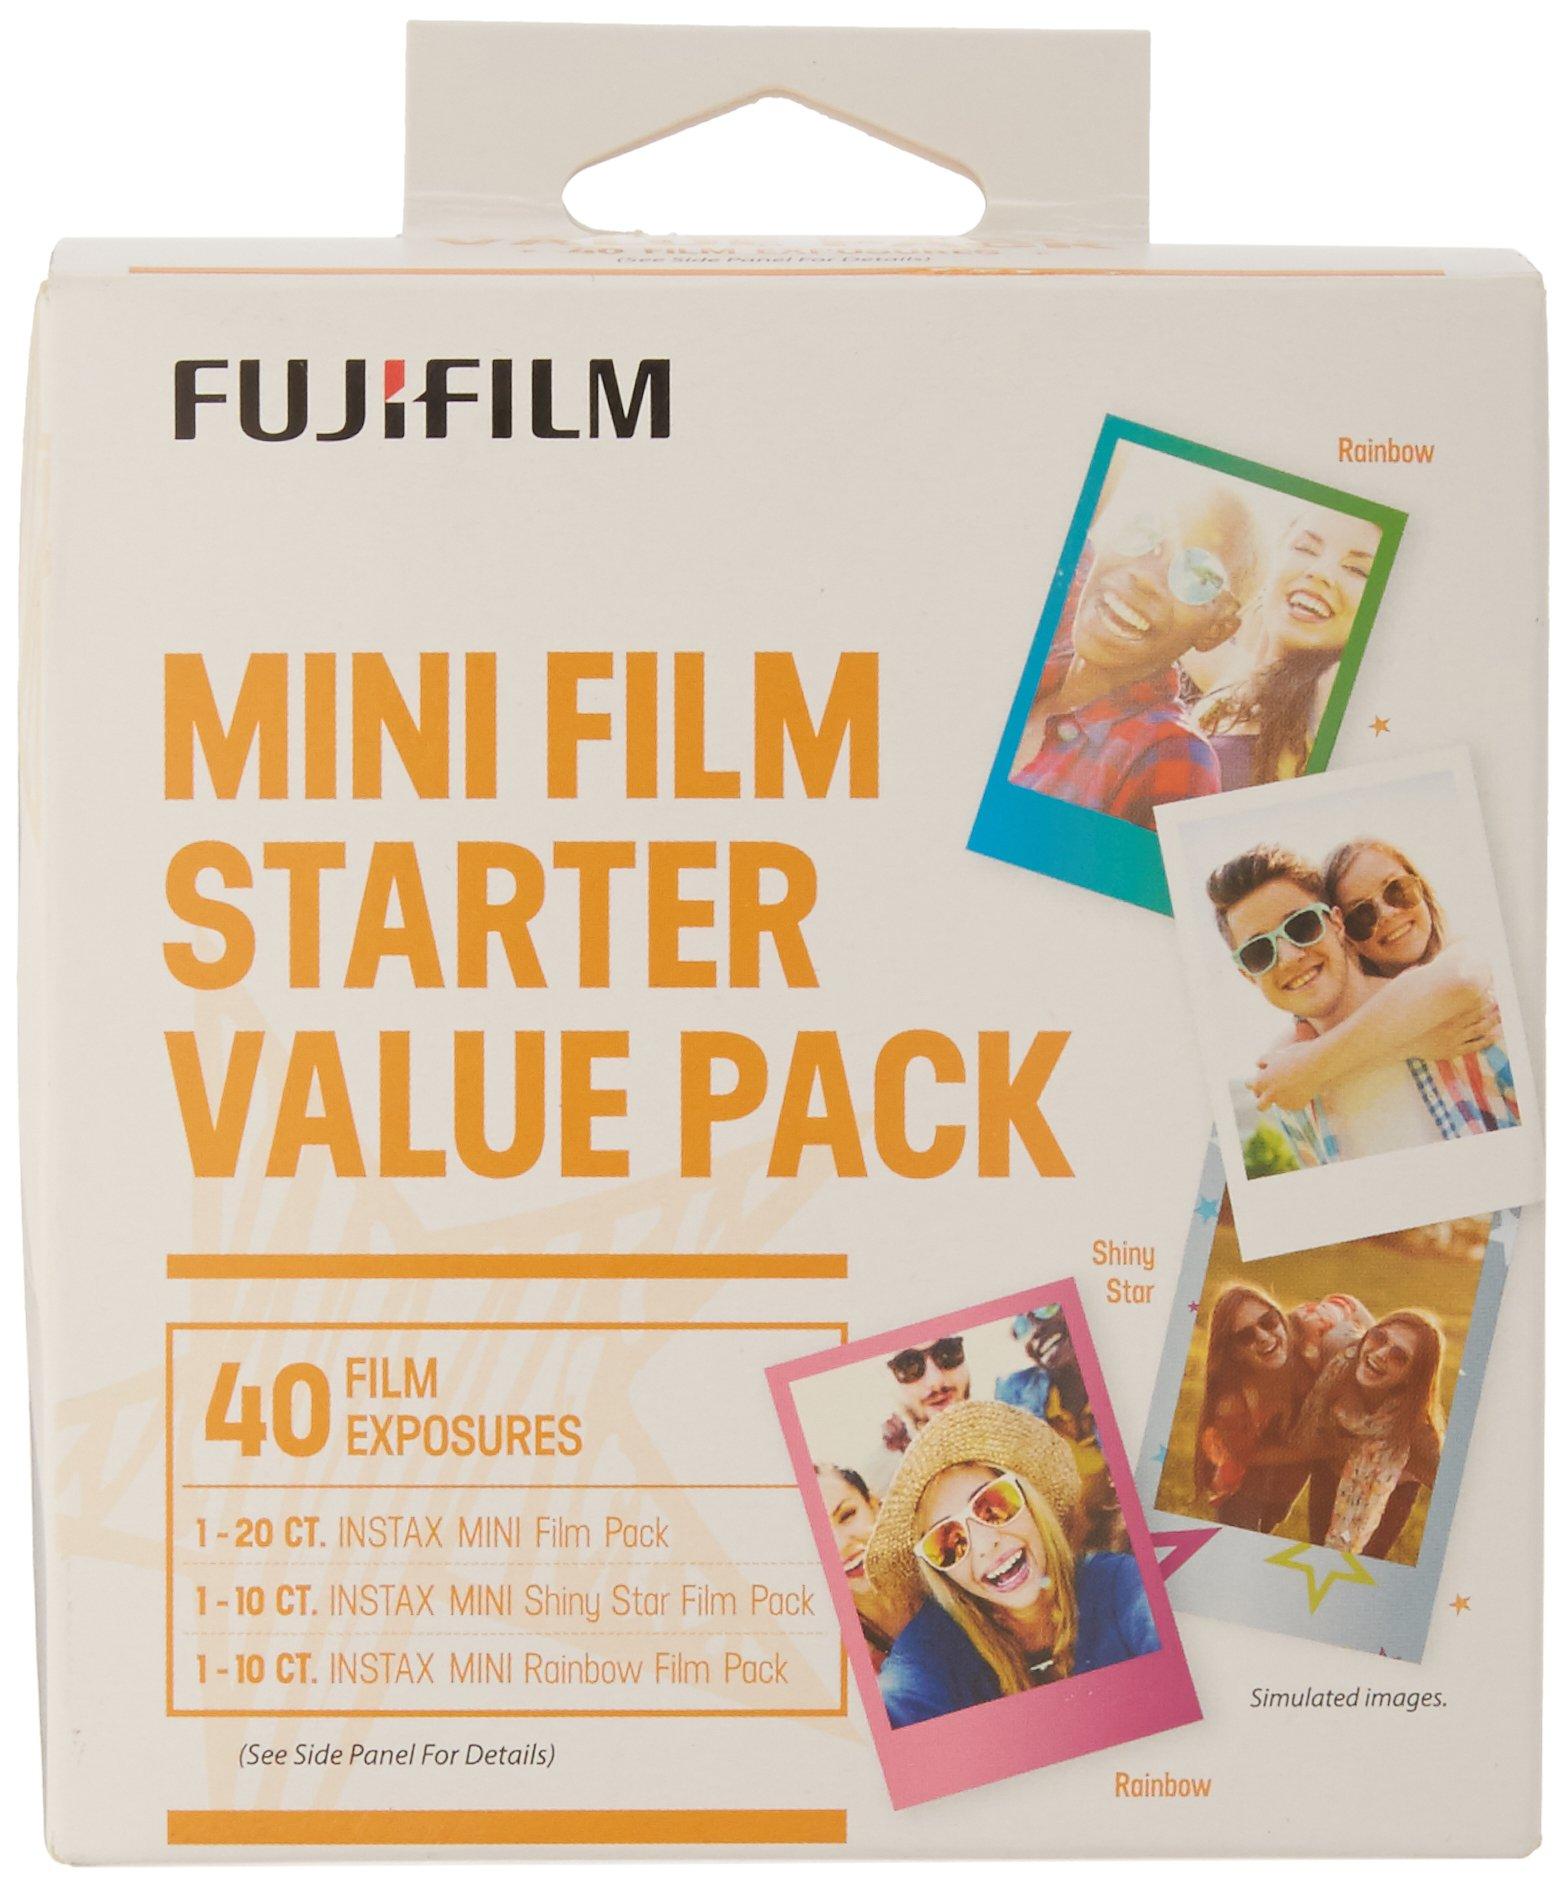 Fujifilm Instax Mini Film Starter Value Pack - 40 Exposures by Fujifilm